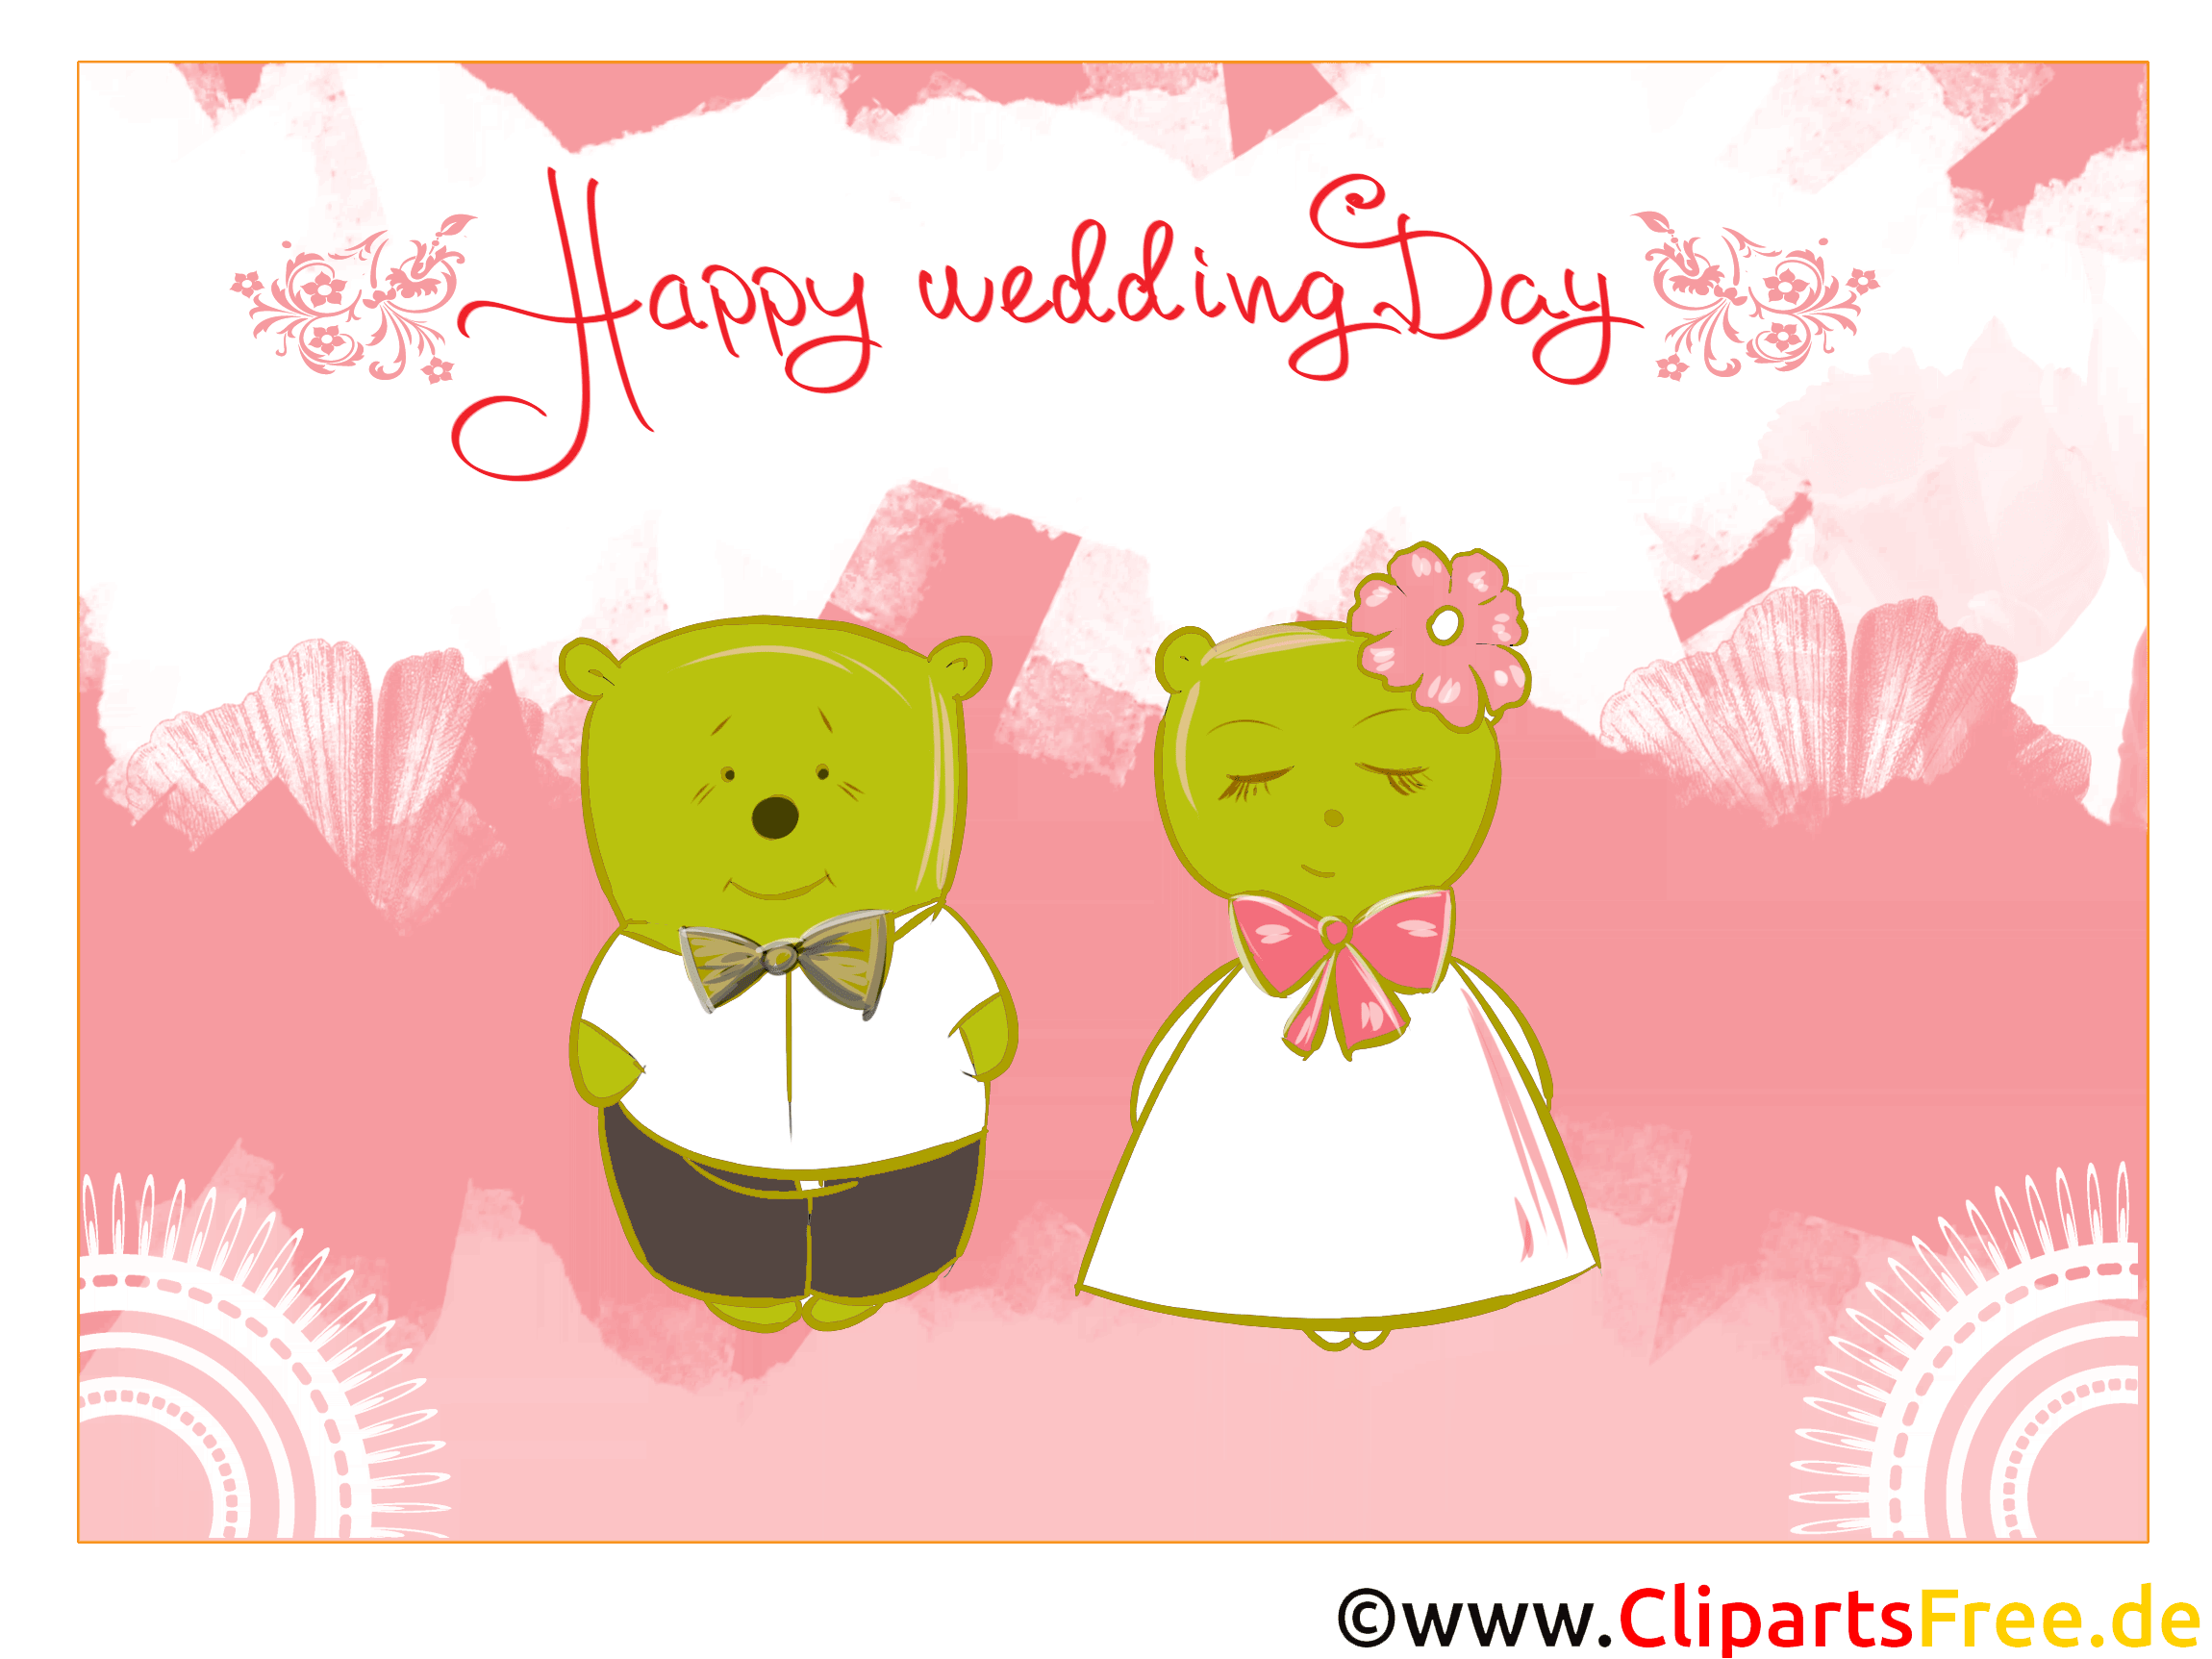 Ecards Zum Hochzeitstag Kostenlos Per Mail Verschicken Wedding